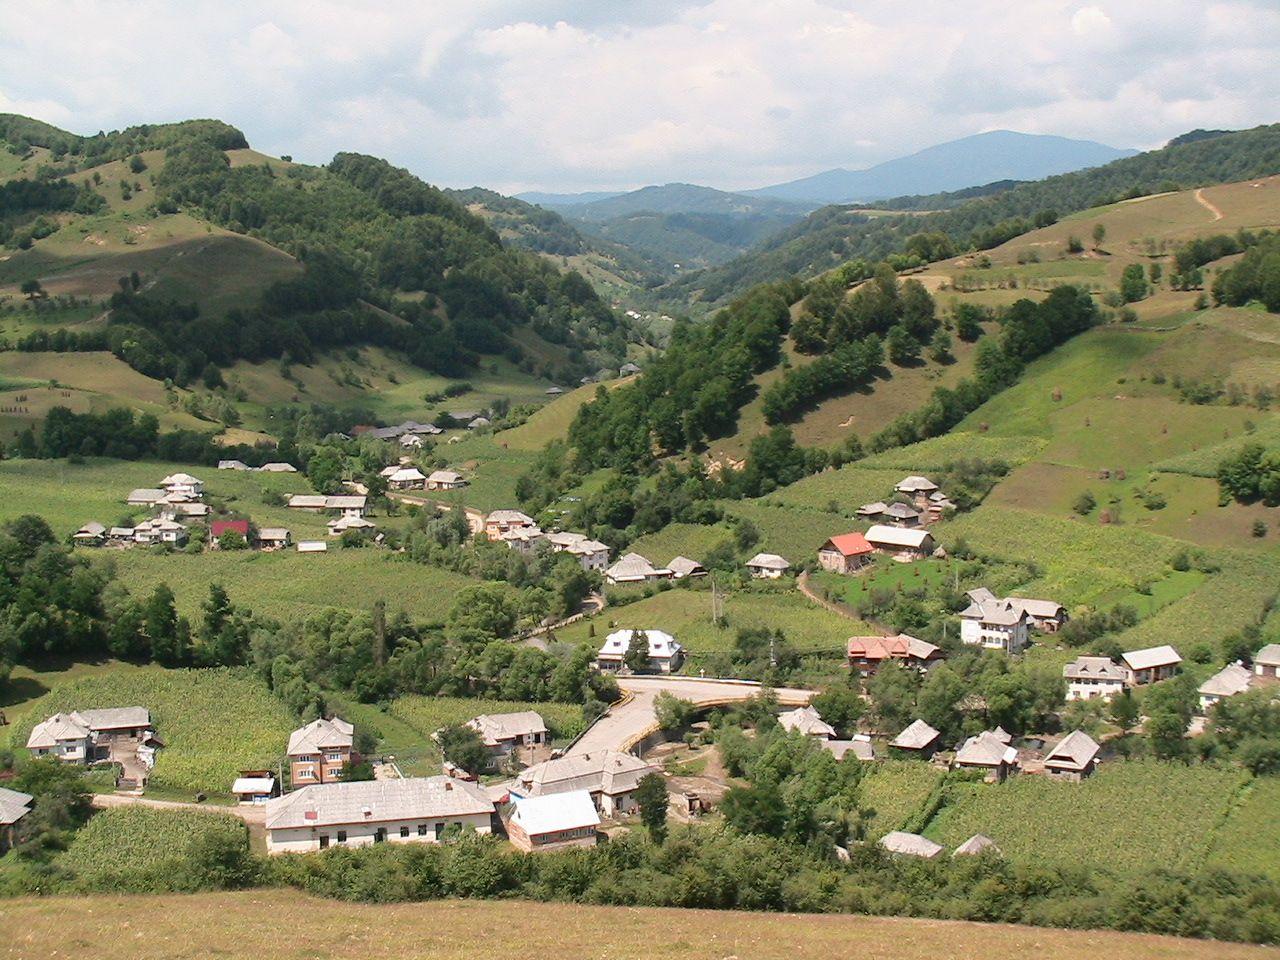 Listă de localități din județul Bistrița-Năsăud - Wikipedia